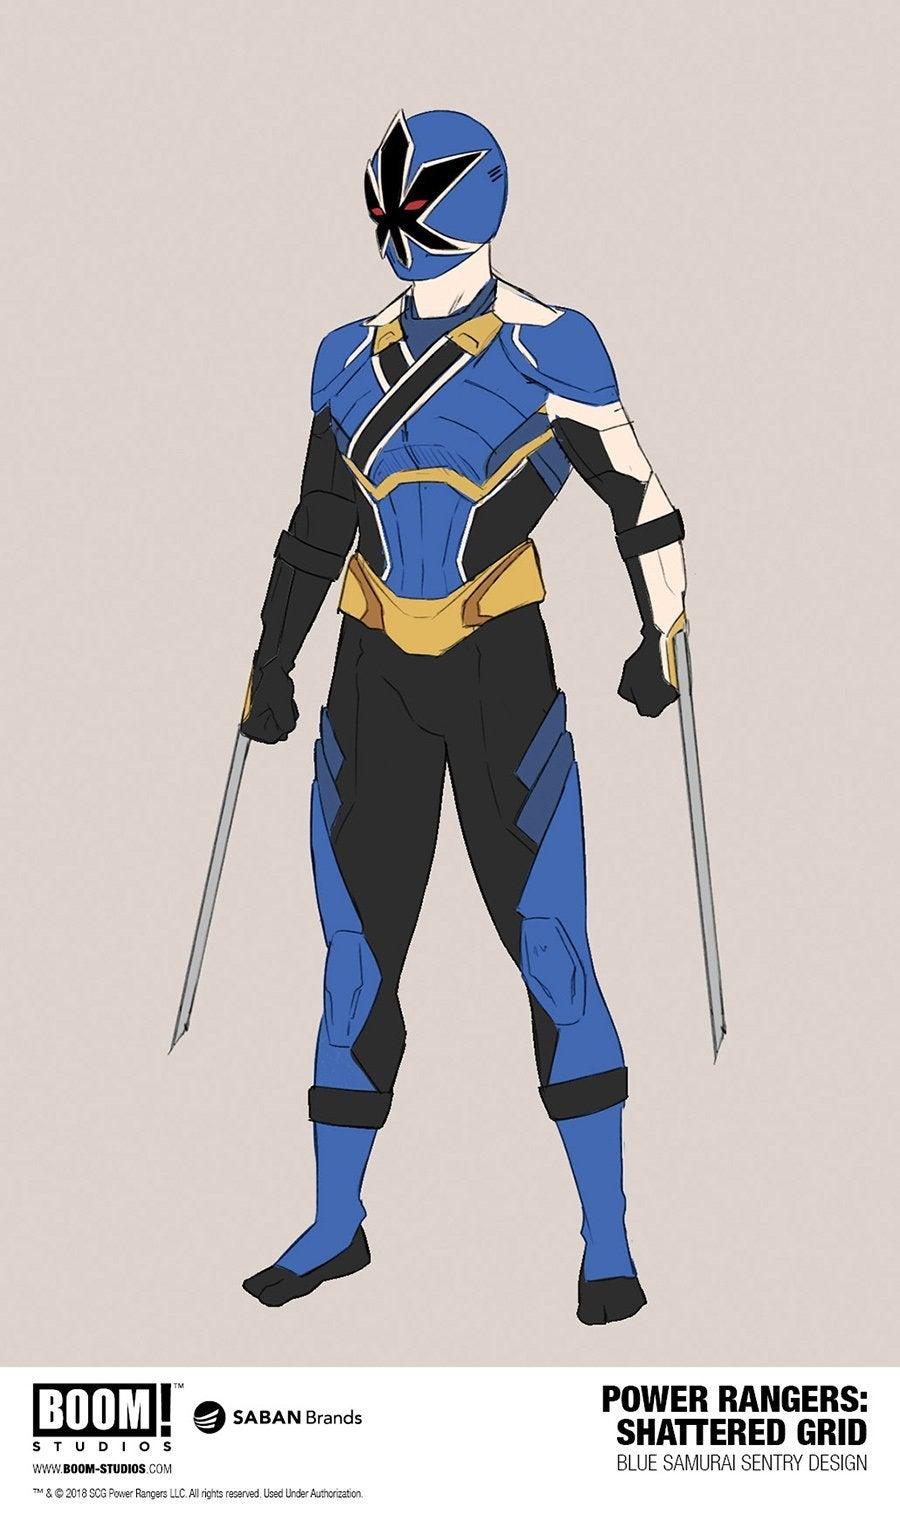 Power-Rangers_ShatteredGrid_BlueSamurai_PROMO